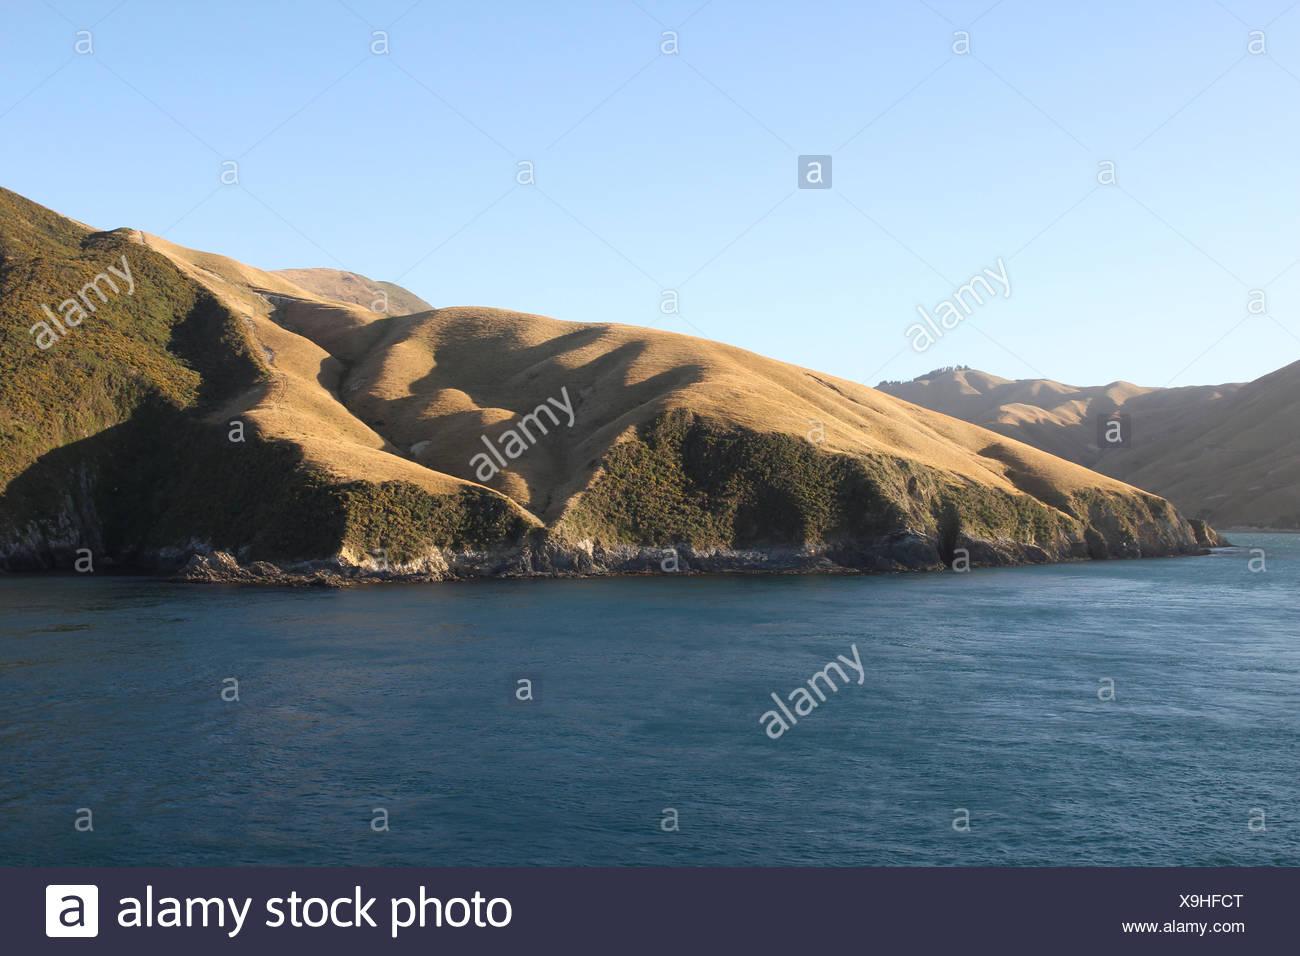 marlborough sounds, south island, new zealand - Stock Image